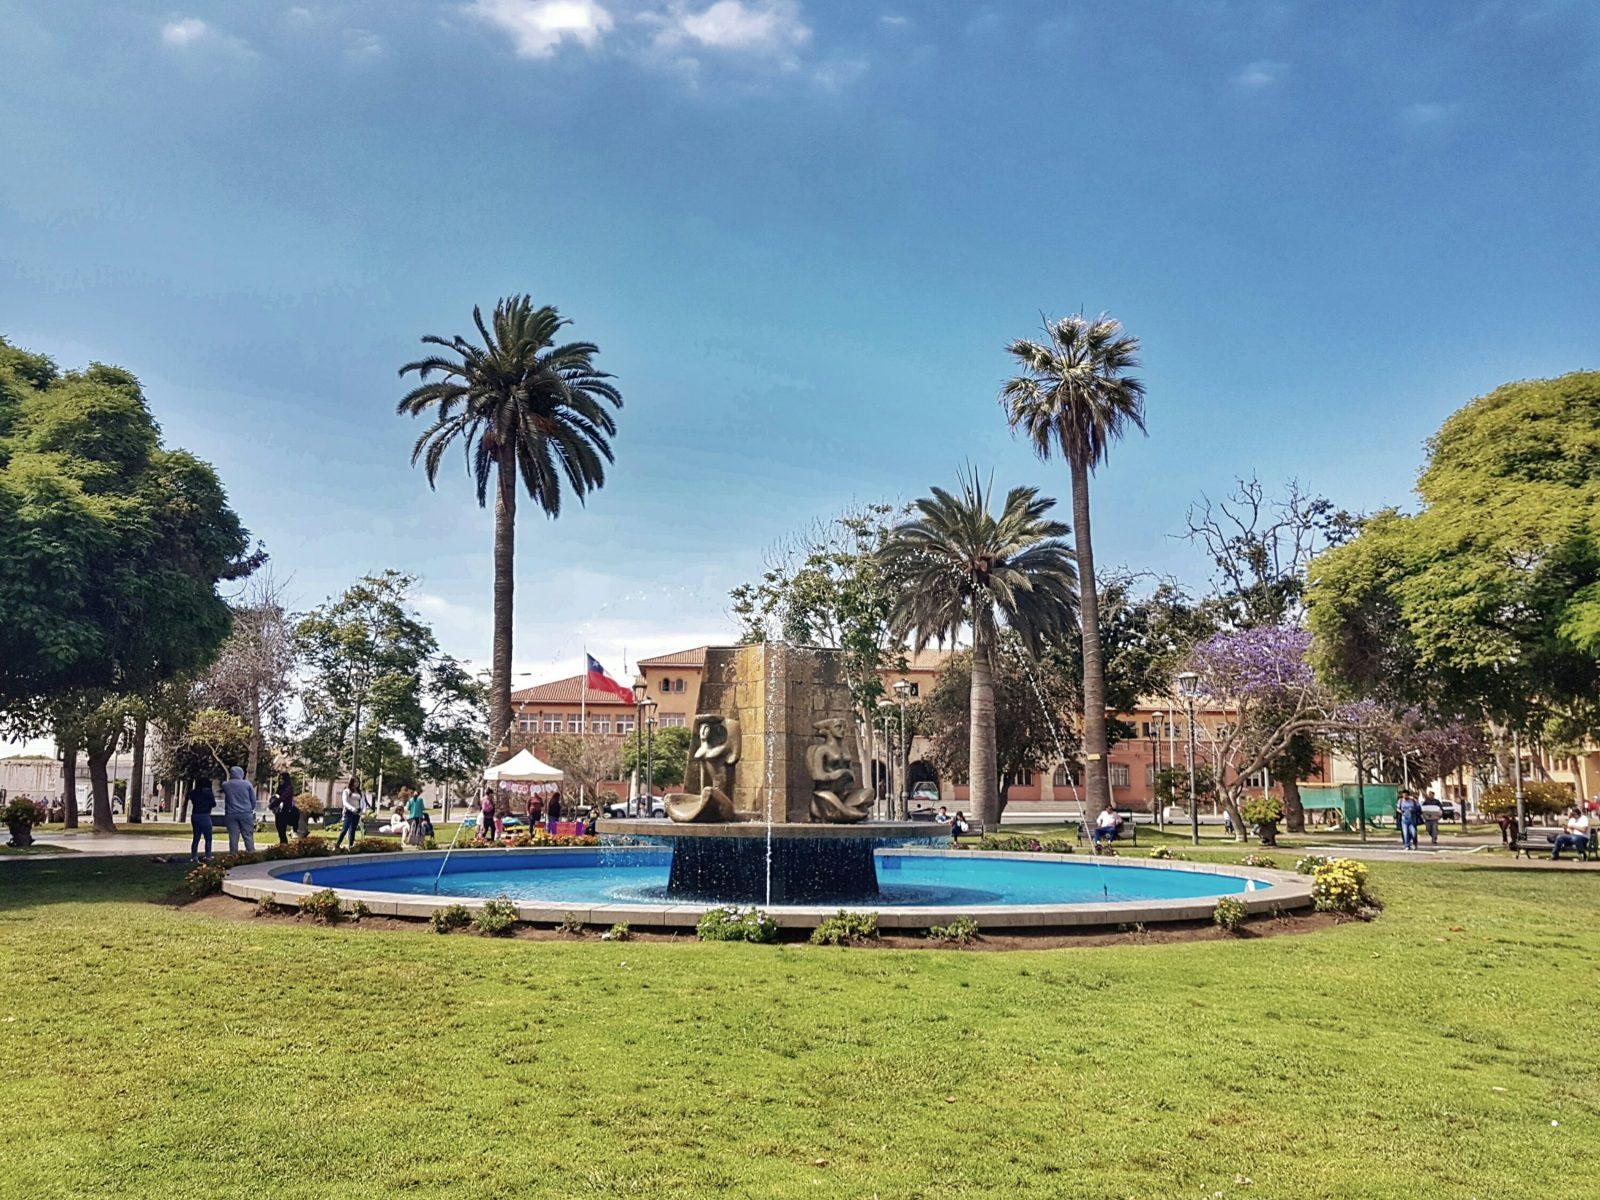 """<img src=""""data:image/gif;base64,R0lGODdhAQABAPAAAP///wAAACwAAAAAAQABAEACAkQBADs="""" data-lazy-src=""""images/"""" width=""""800"""" height=""""600"""" alt=""""la serena - plaza de armas la serena 1 633175736 - Chile: Lovin' La Serena and Coquimbo"""">"""